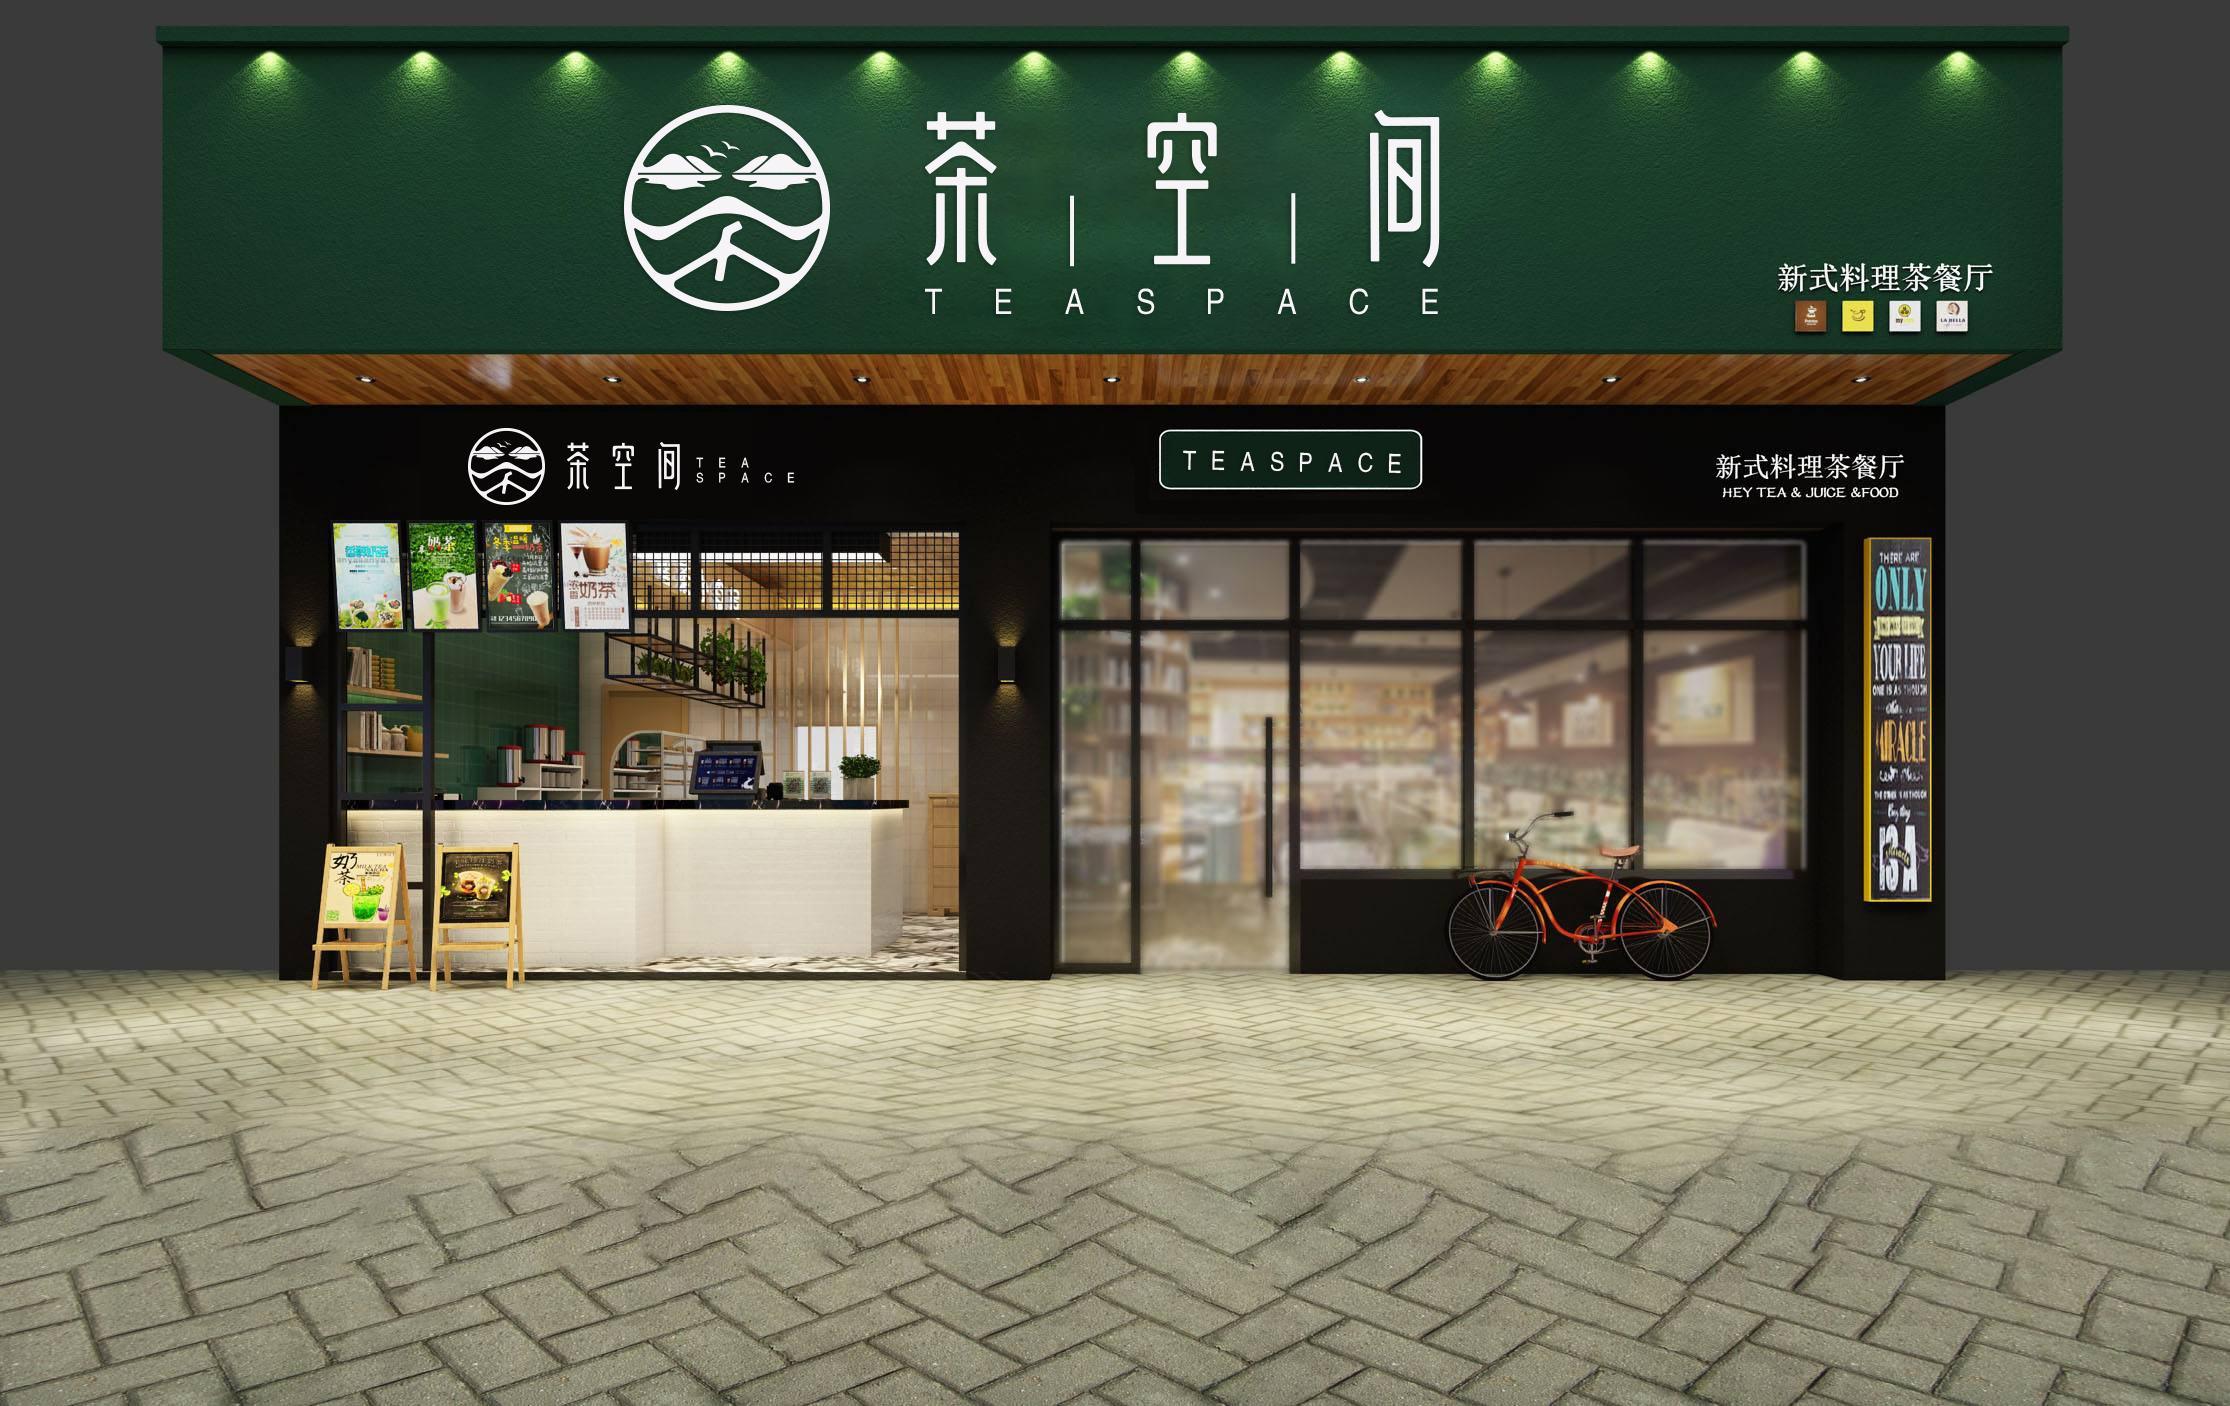 奶茶店如何设计制作门头招牌?